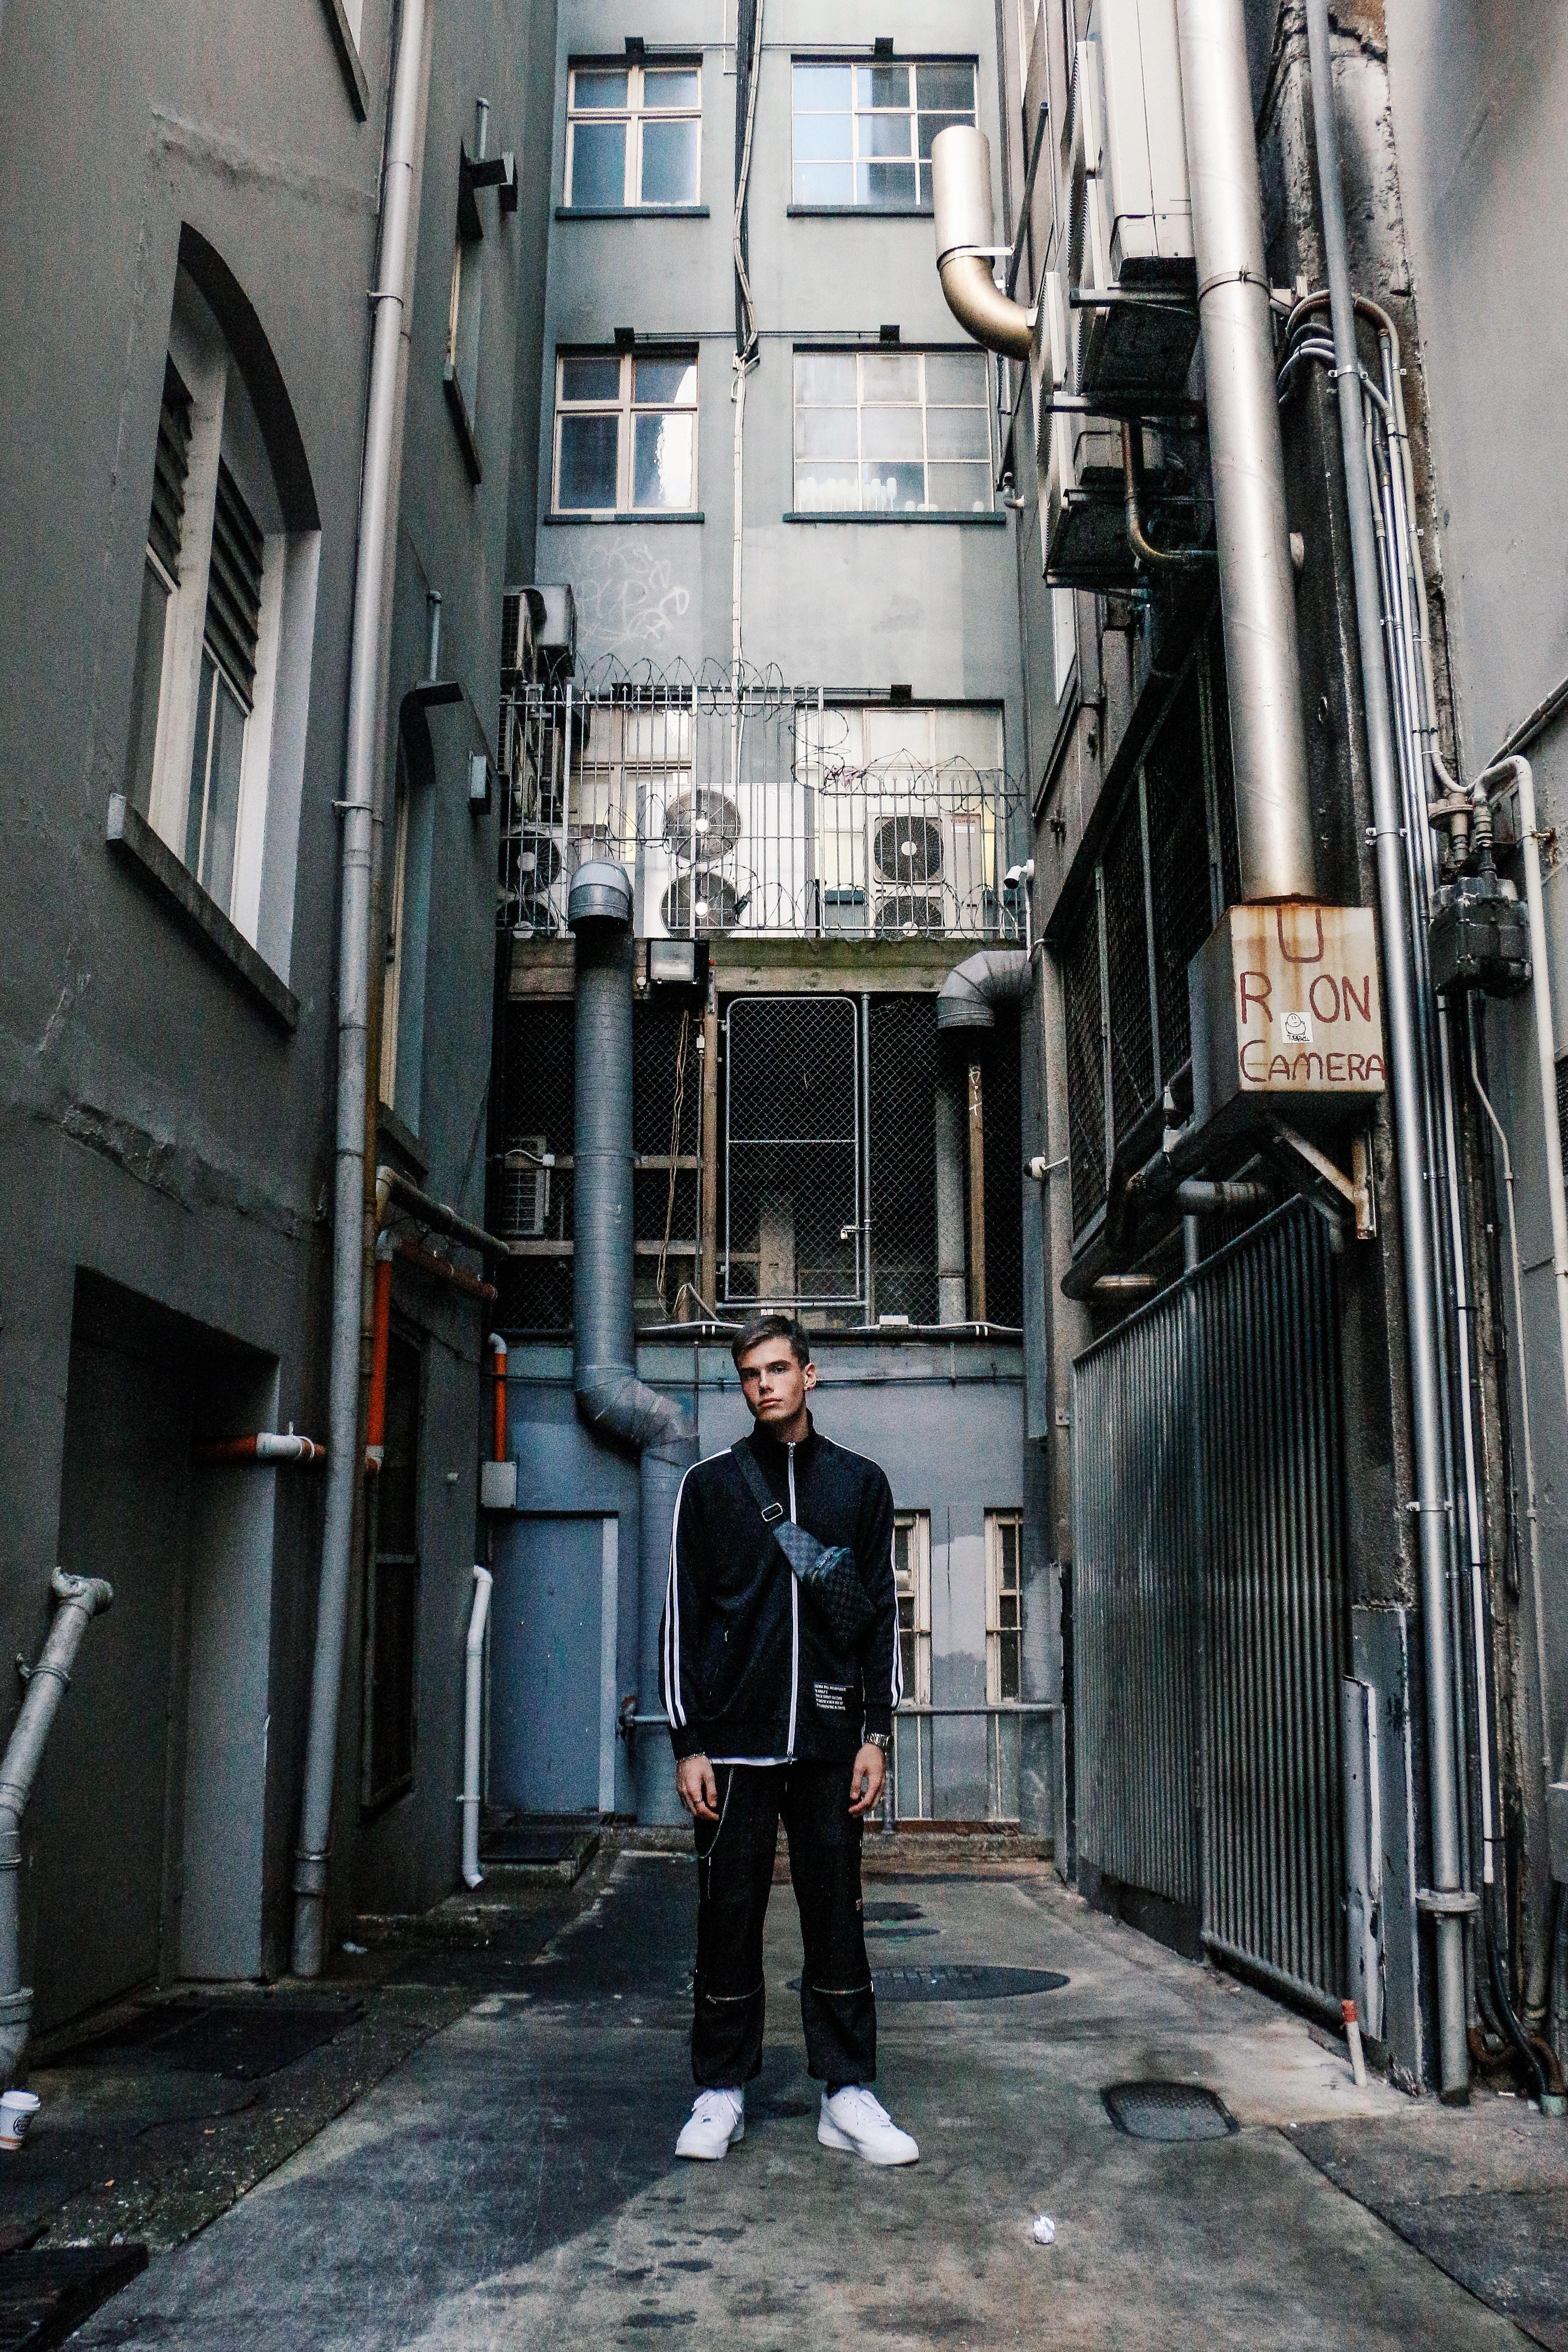 man in between building